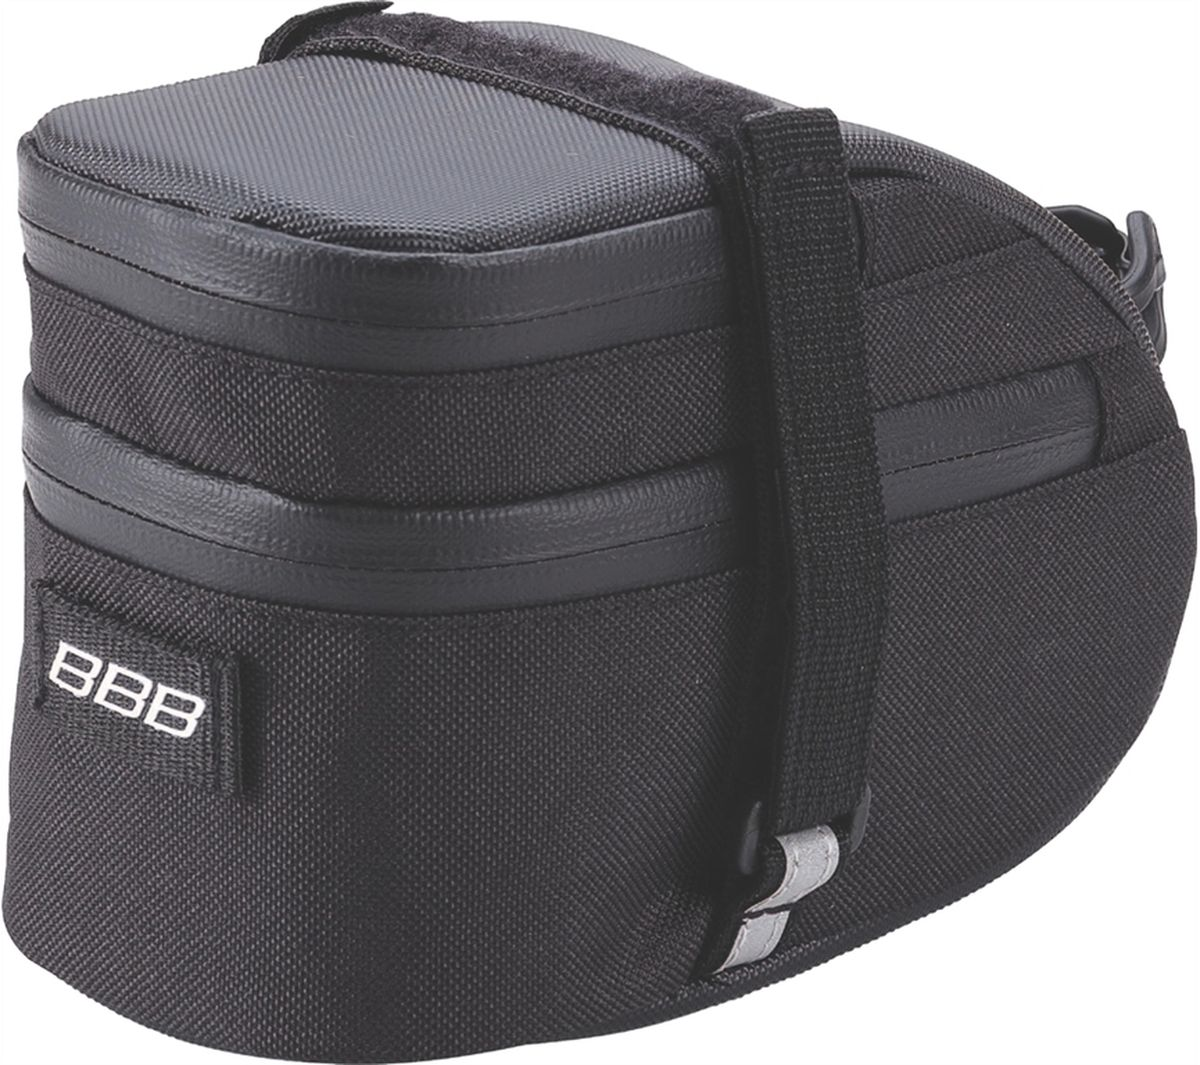 Велосумка под седло BBB EasyPack, цвет: черный. Размер L велосумка под седло bbb curvepack цвет черный размер m